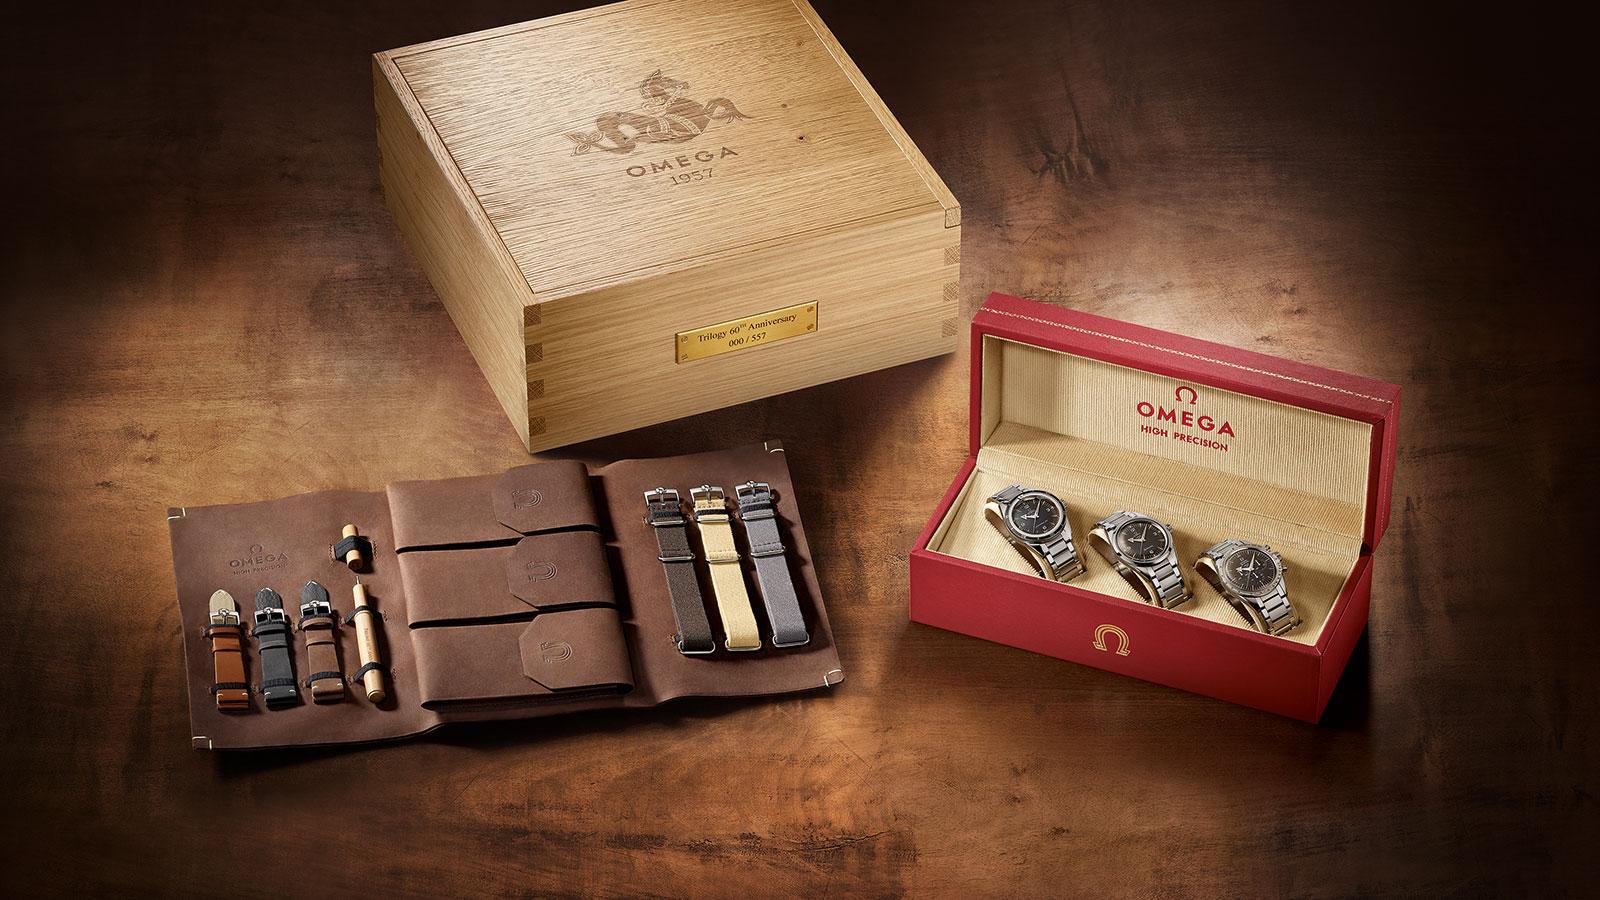 Omega 1957 Trilogy box set